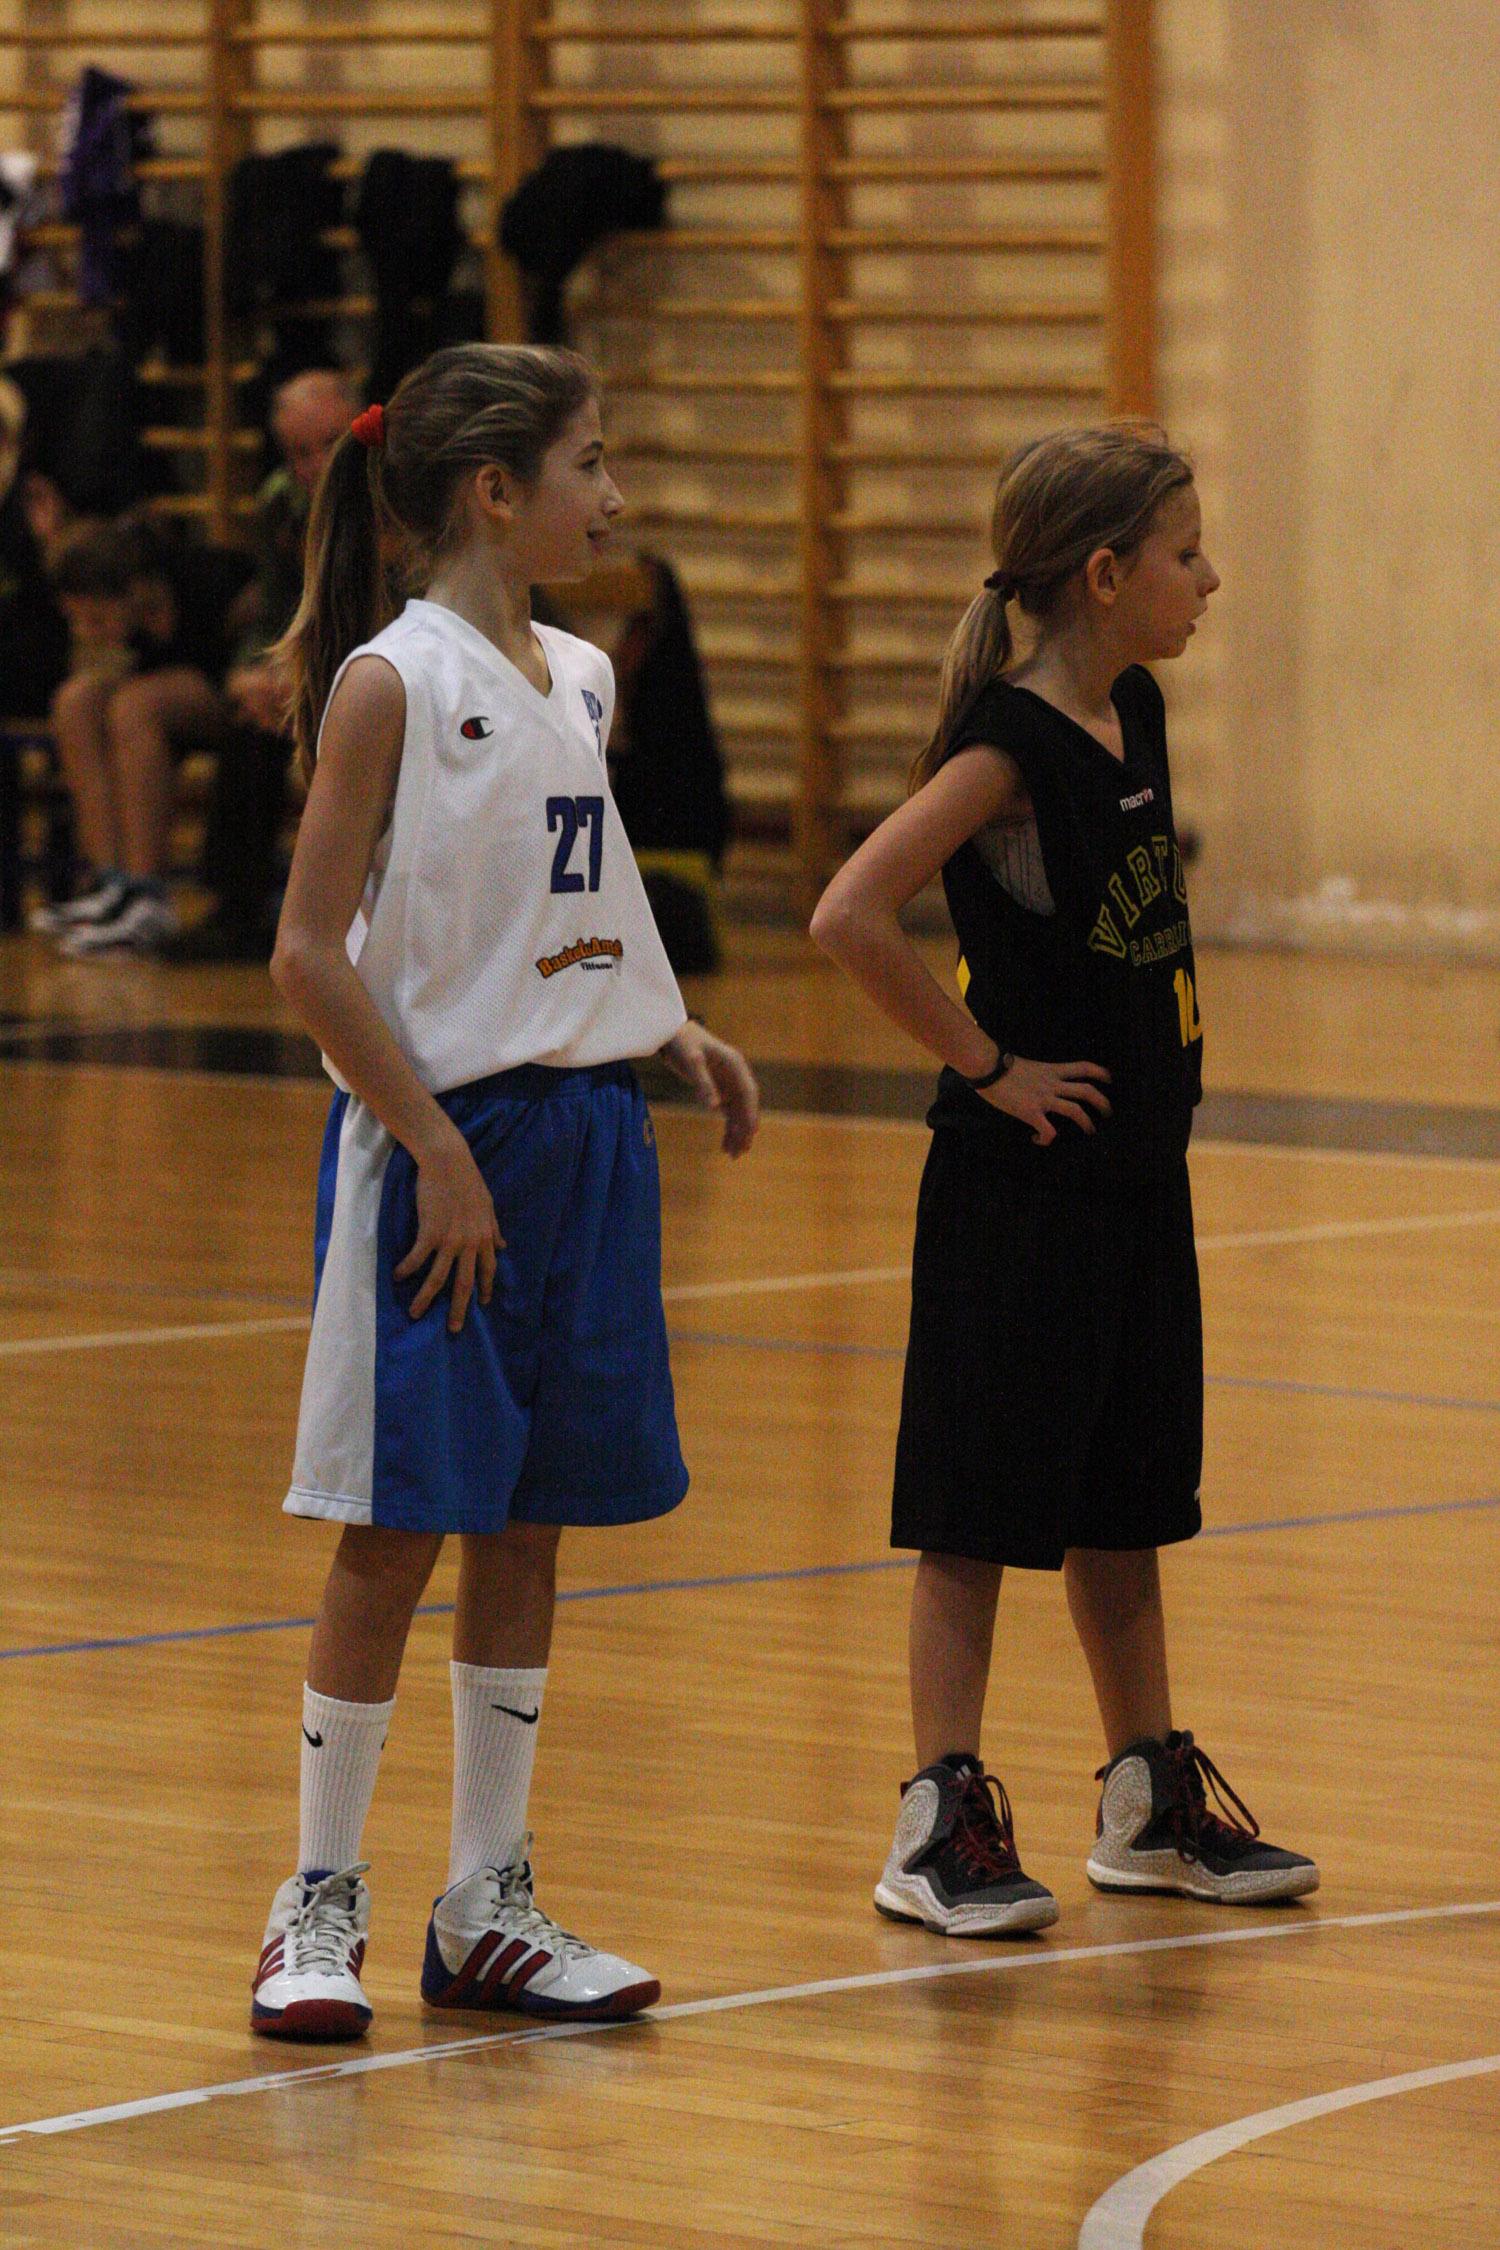 U13 - Baskettiamo Vittuone vs Carroccio Legnano 00006.jpg